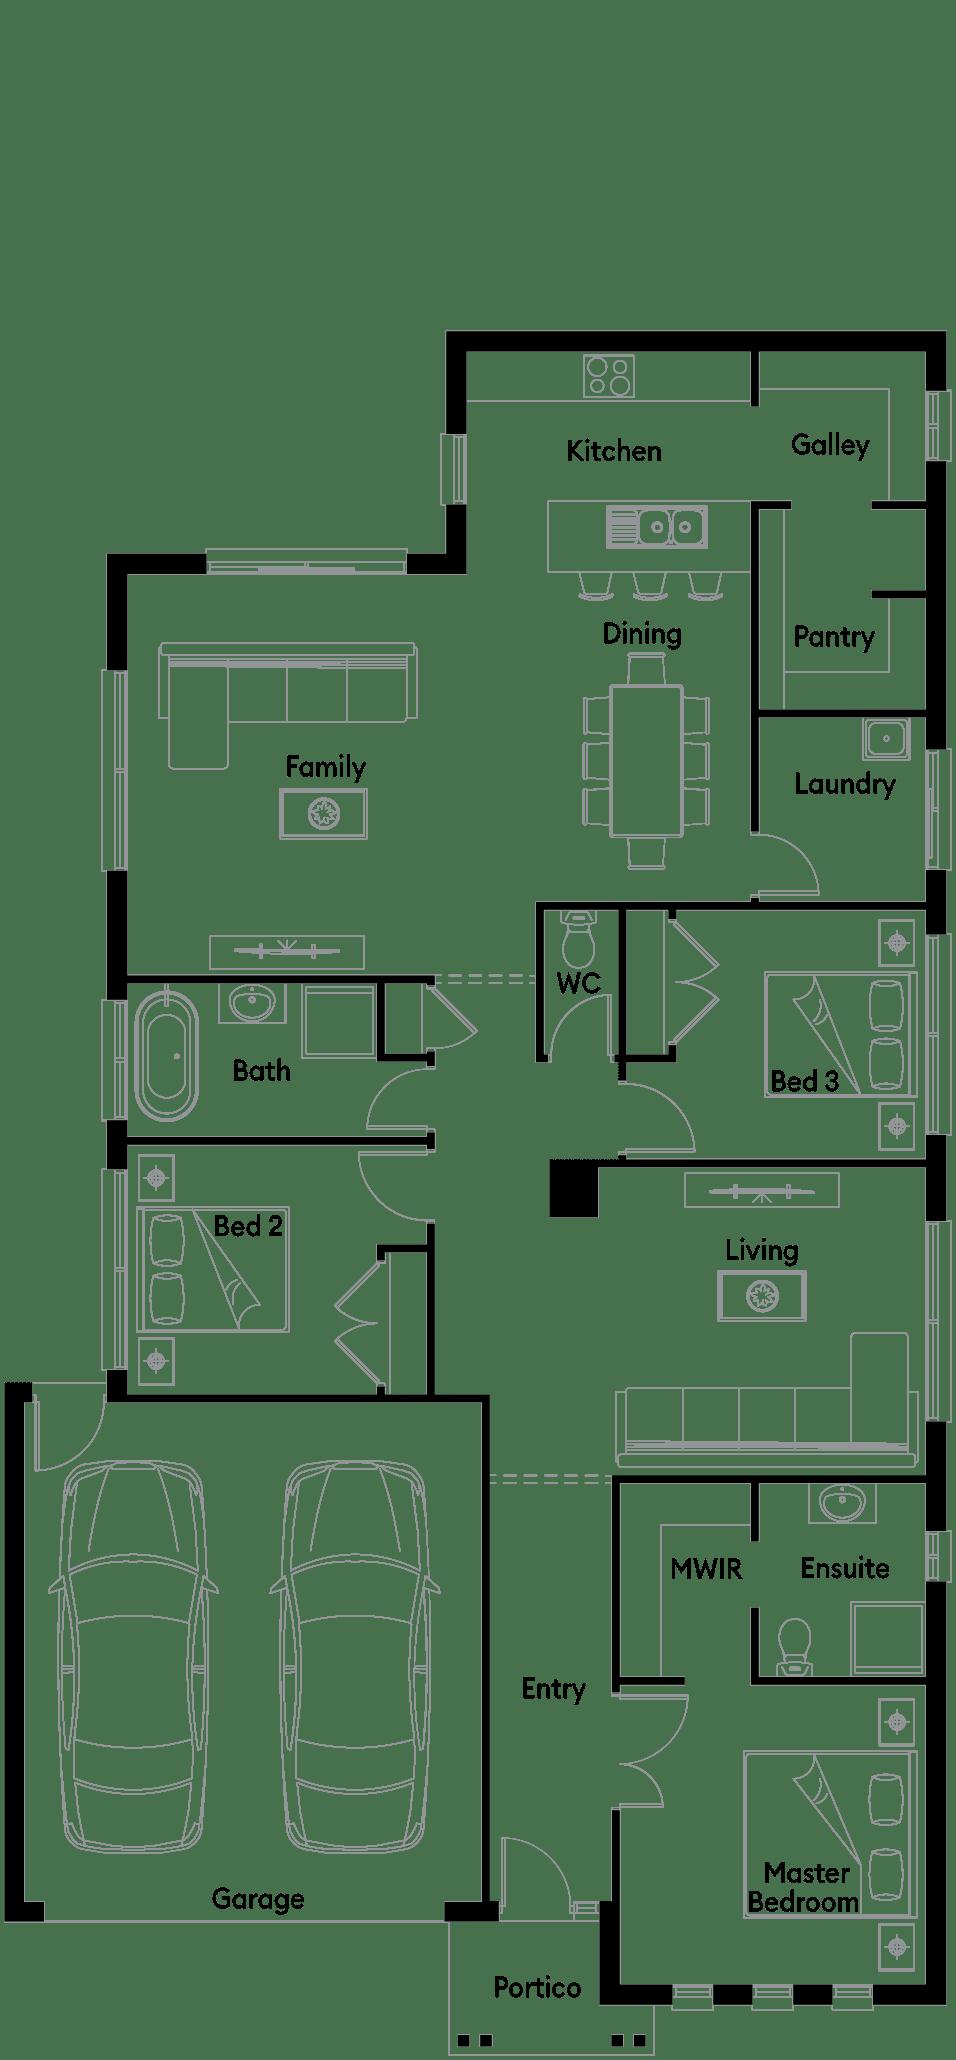 FloorPlan1_HOUSE763_Midland_21-12